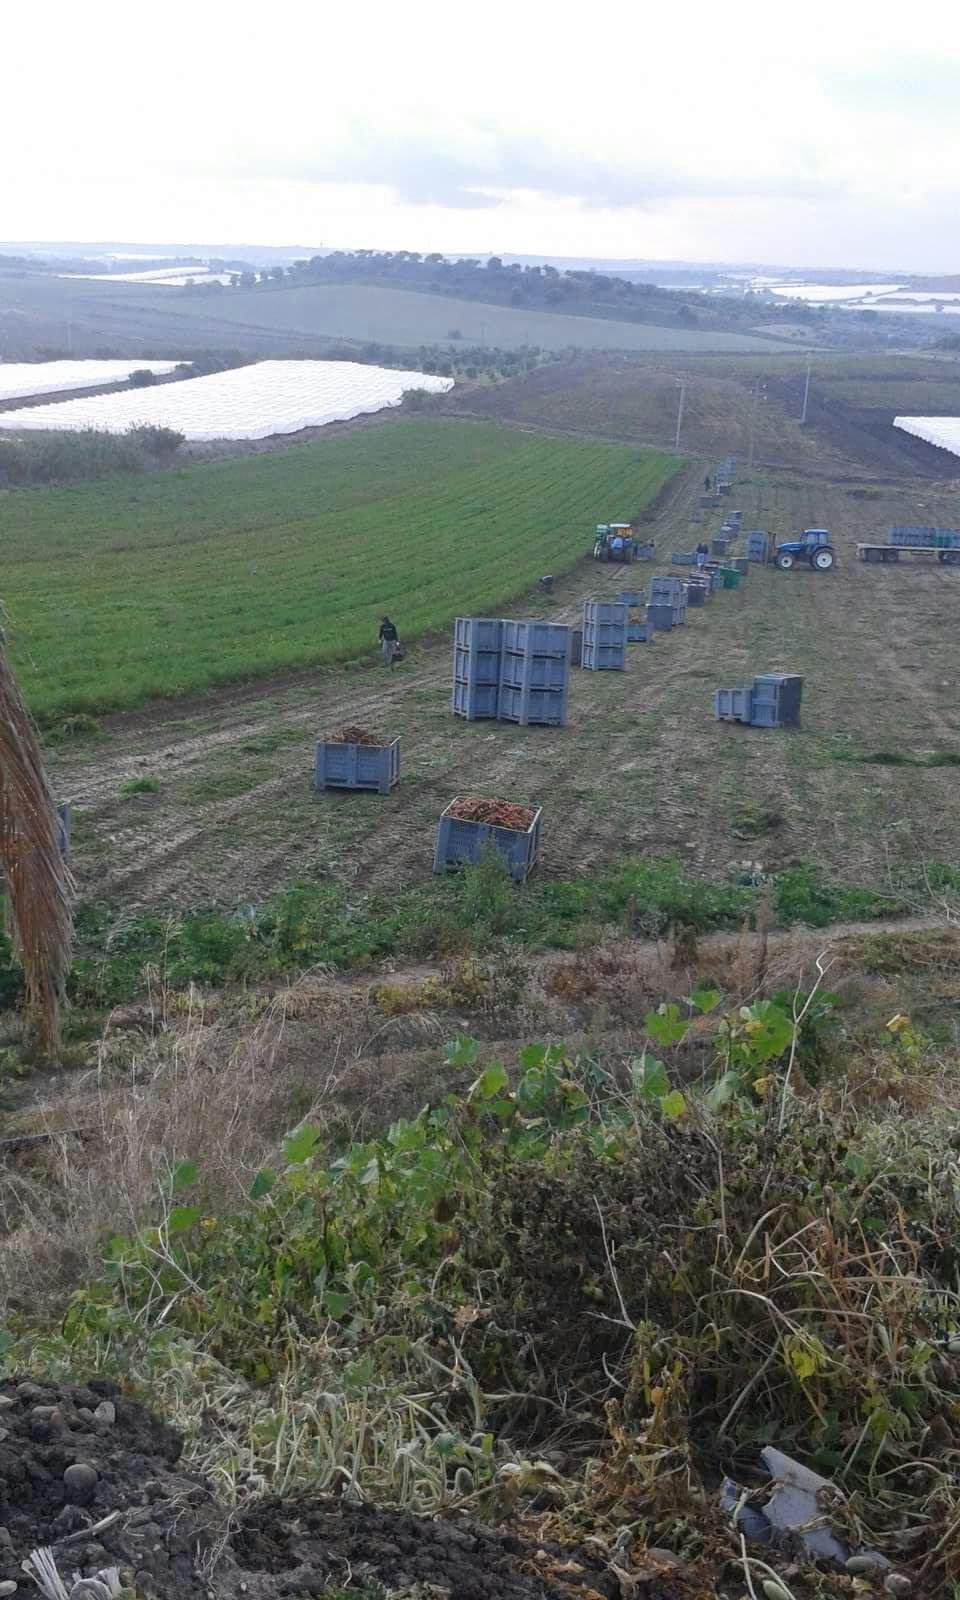 Vista dall'alto di un campo con containers di carote